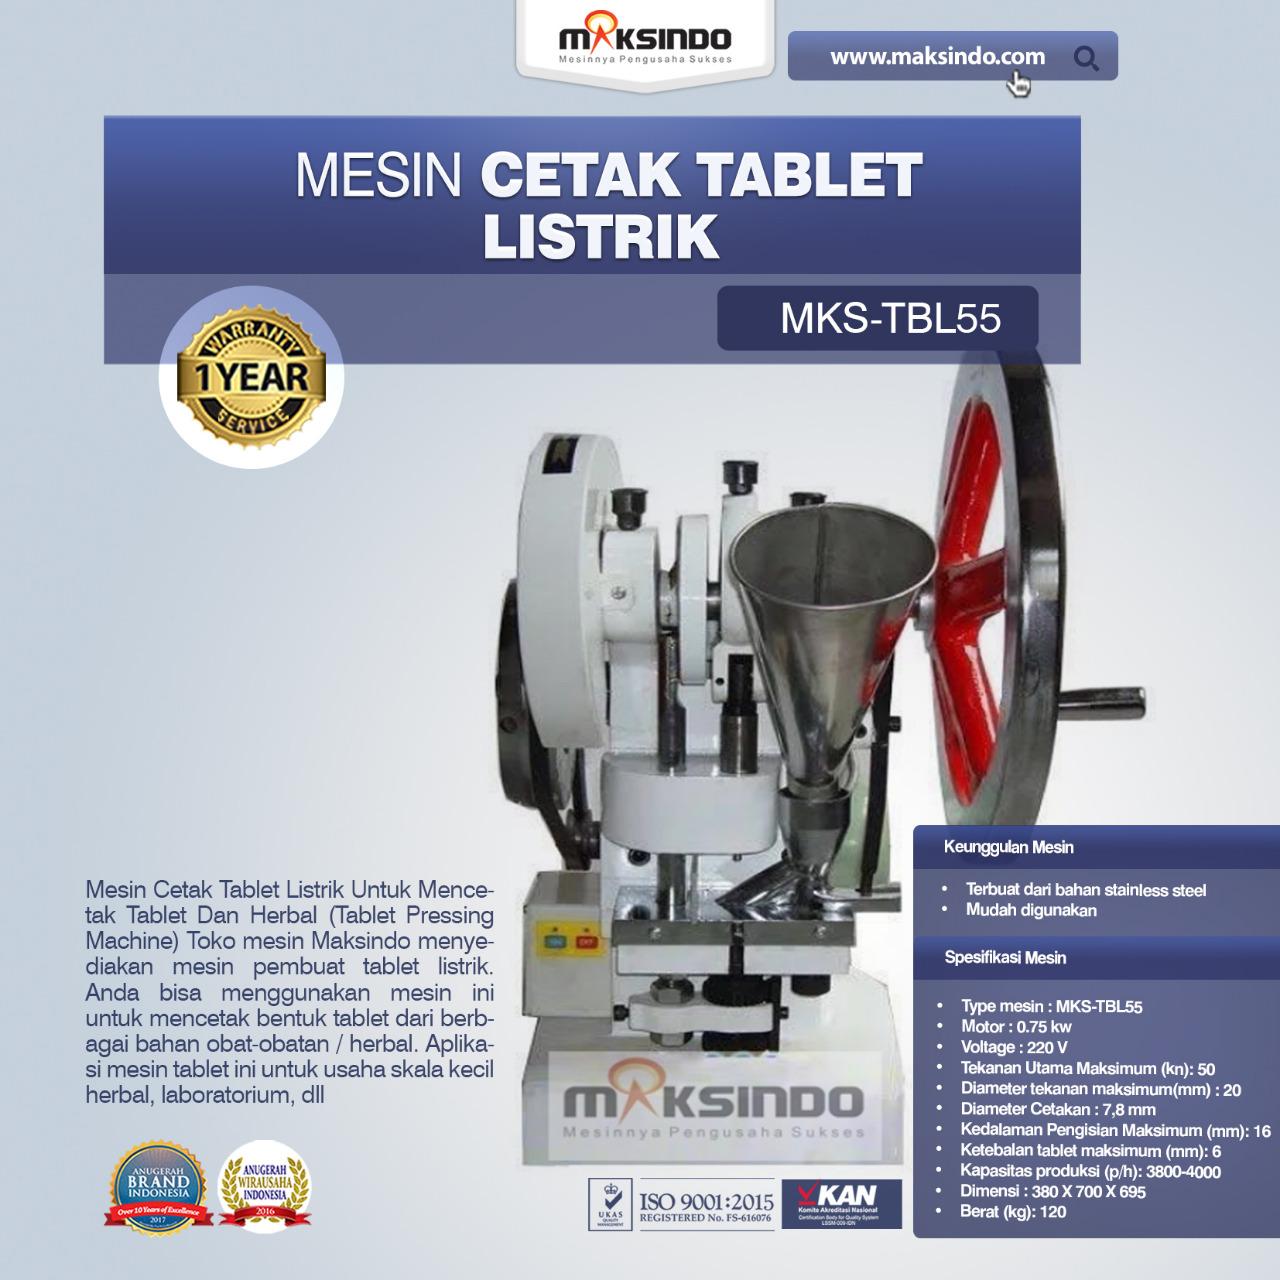 Jual Mesin Cetak Tablet Listrik – TBL55 di Bandung